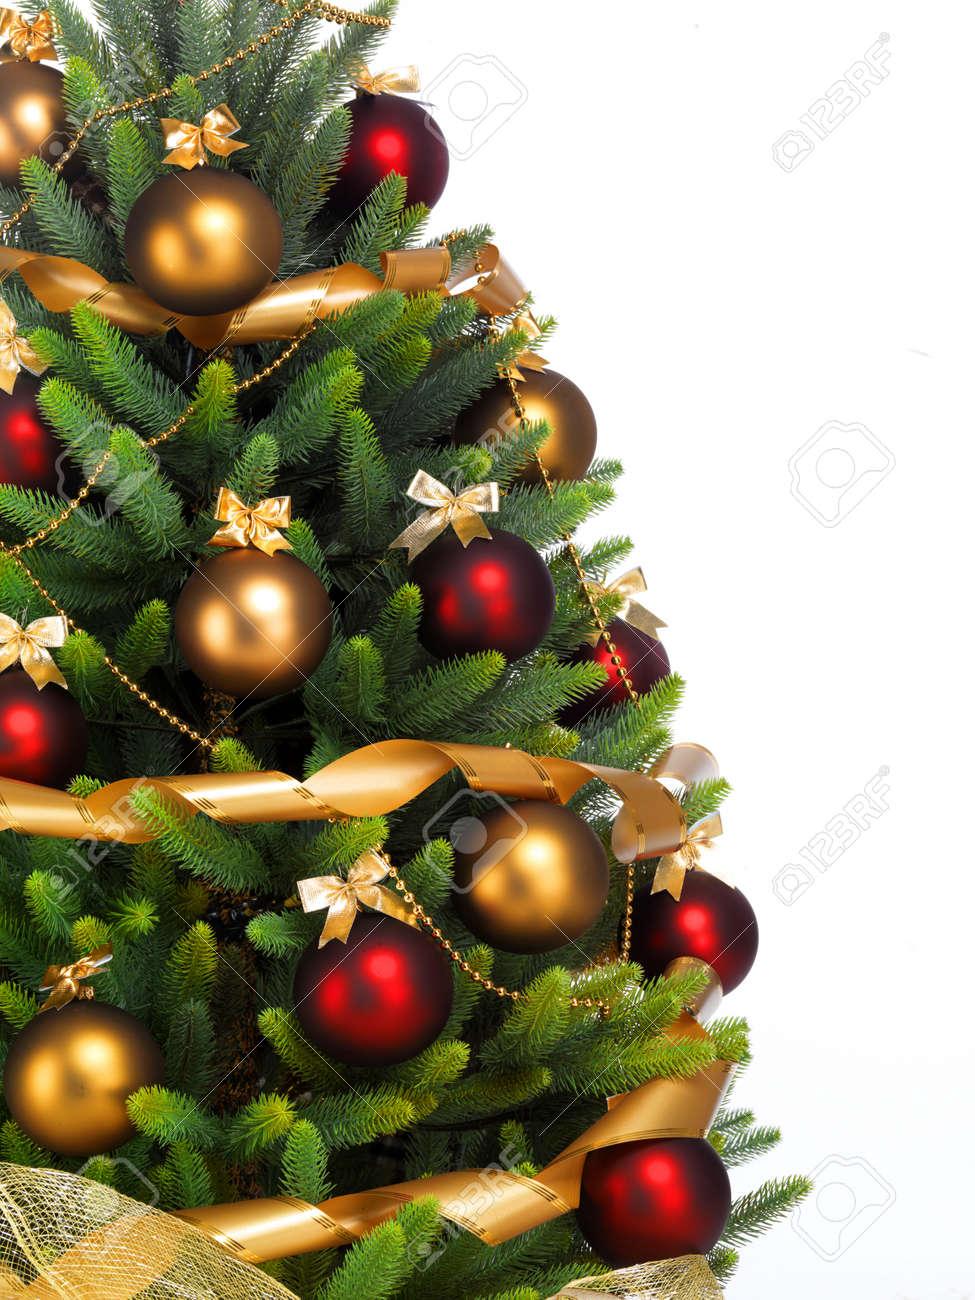 arbol de navidad decorado rbol de navidad decorado sobre fondo blanco